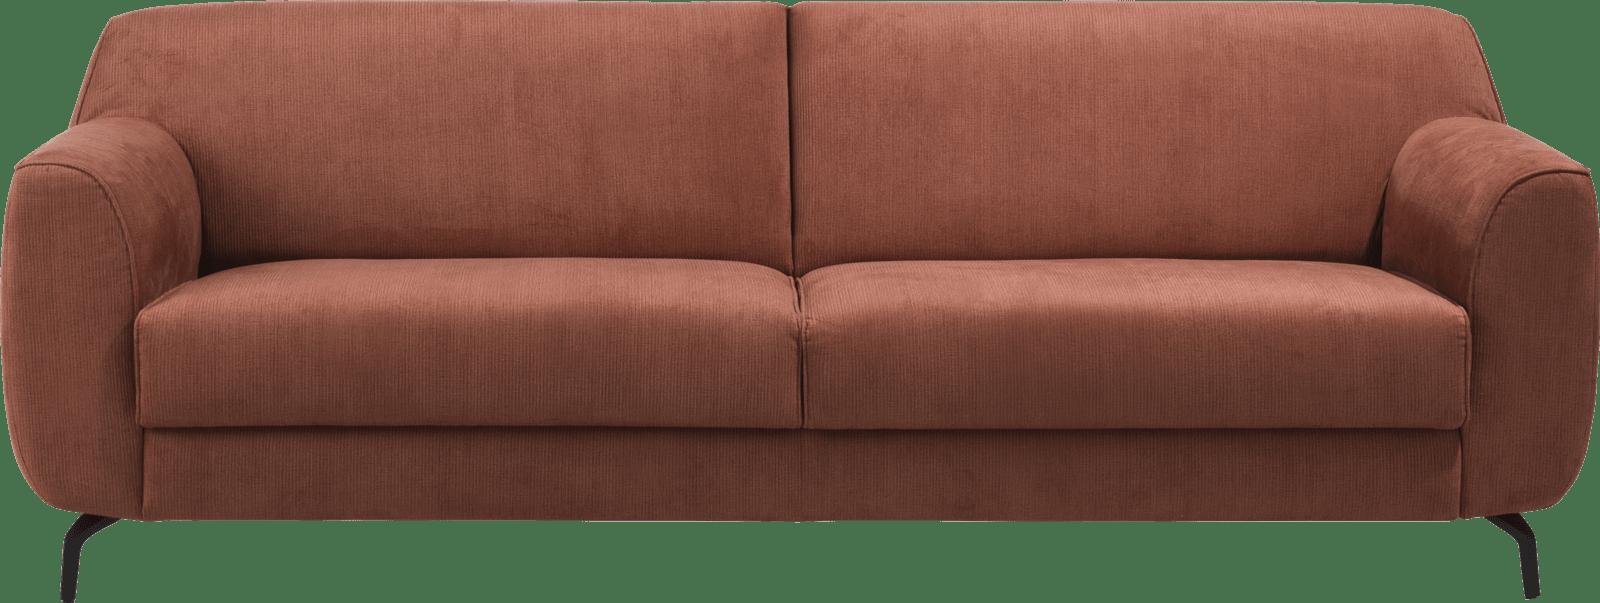 XOOON - Malaga - Sofas - 3.5-sitzer